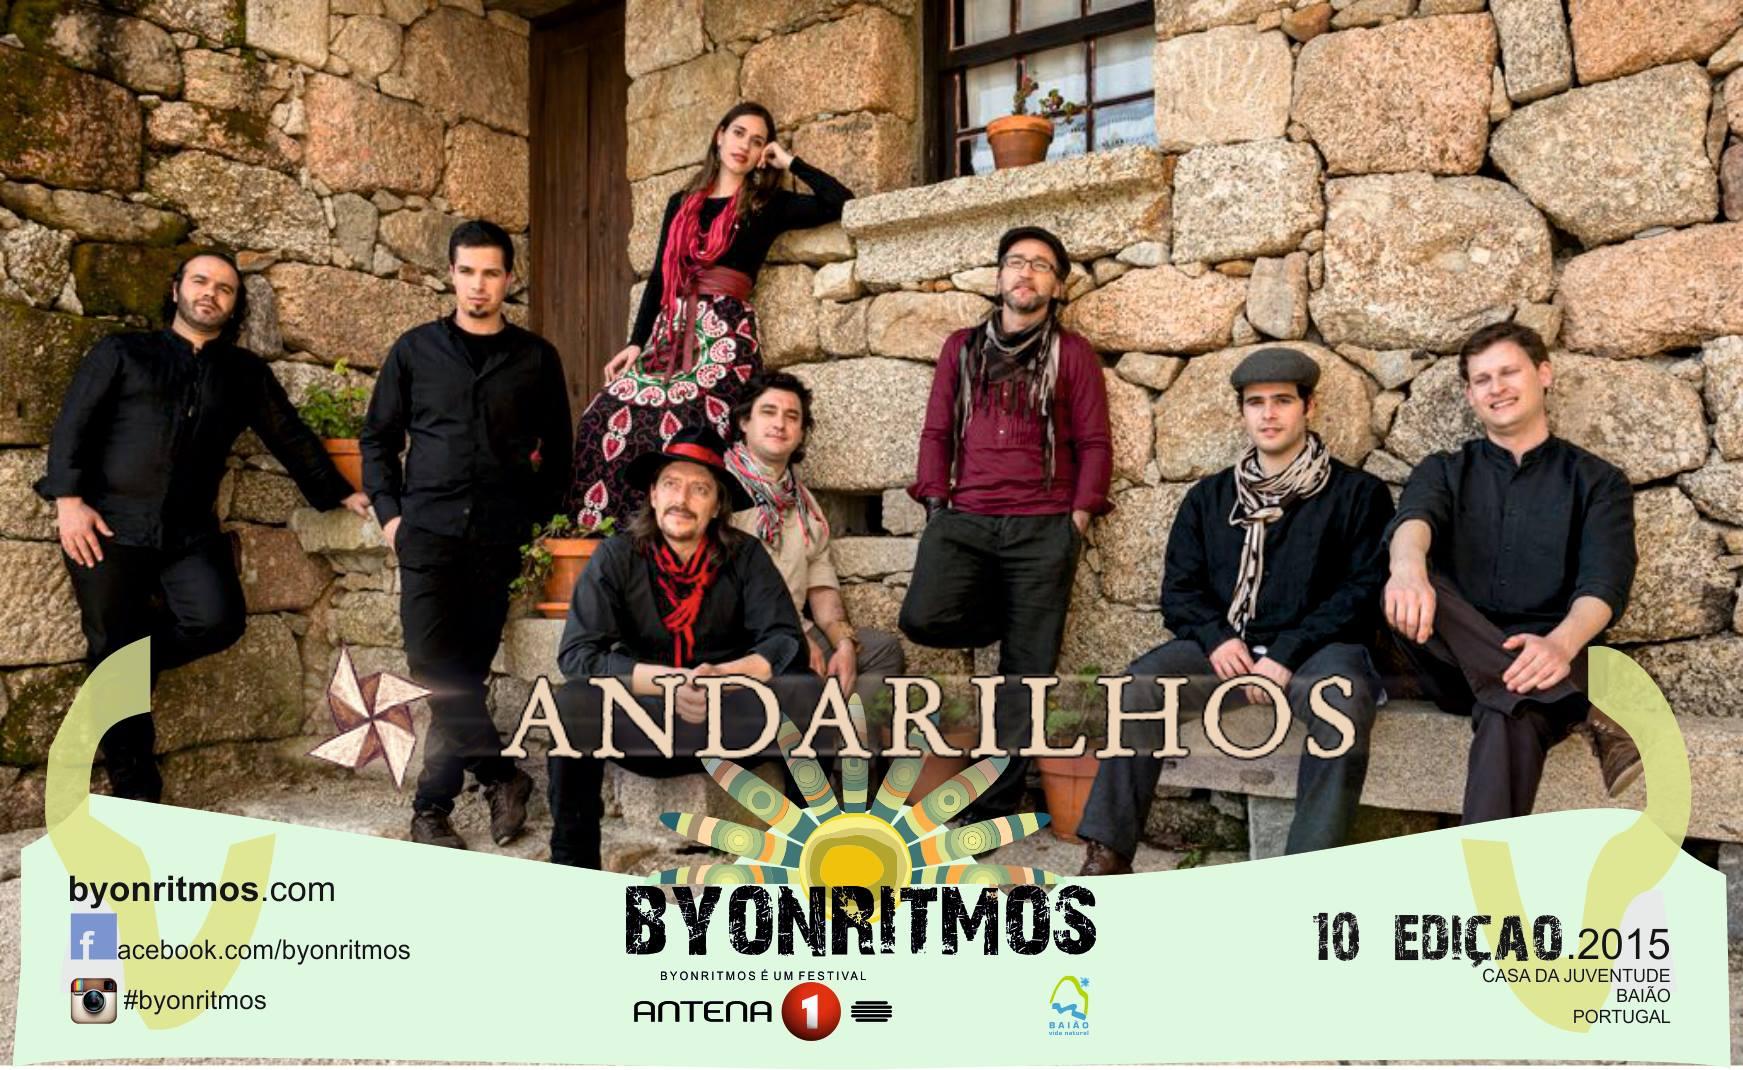 BYONRITMOS 2015